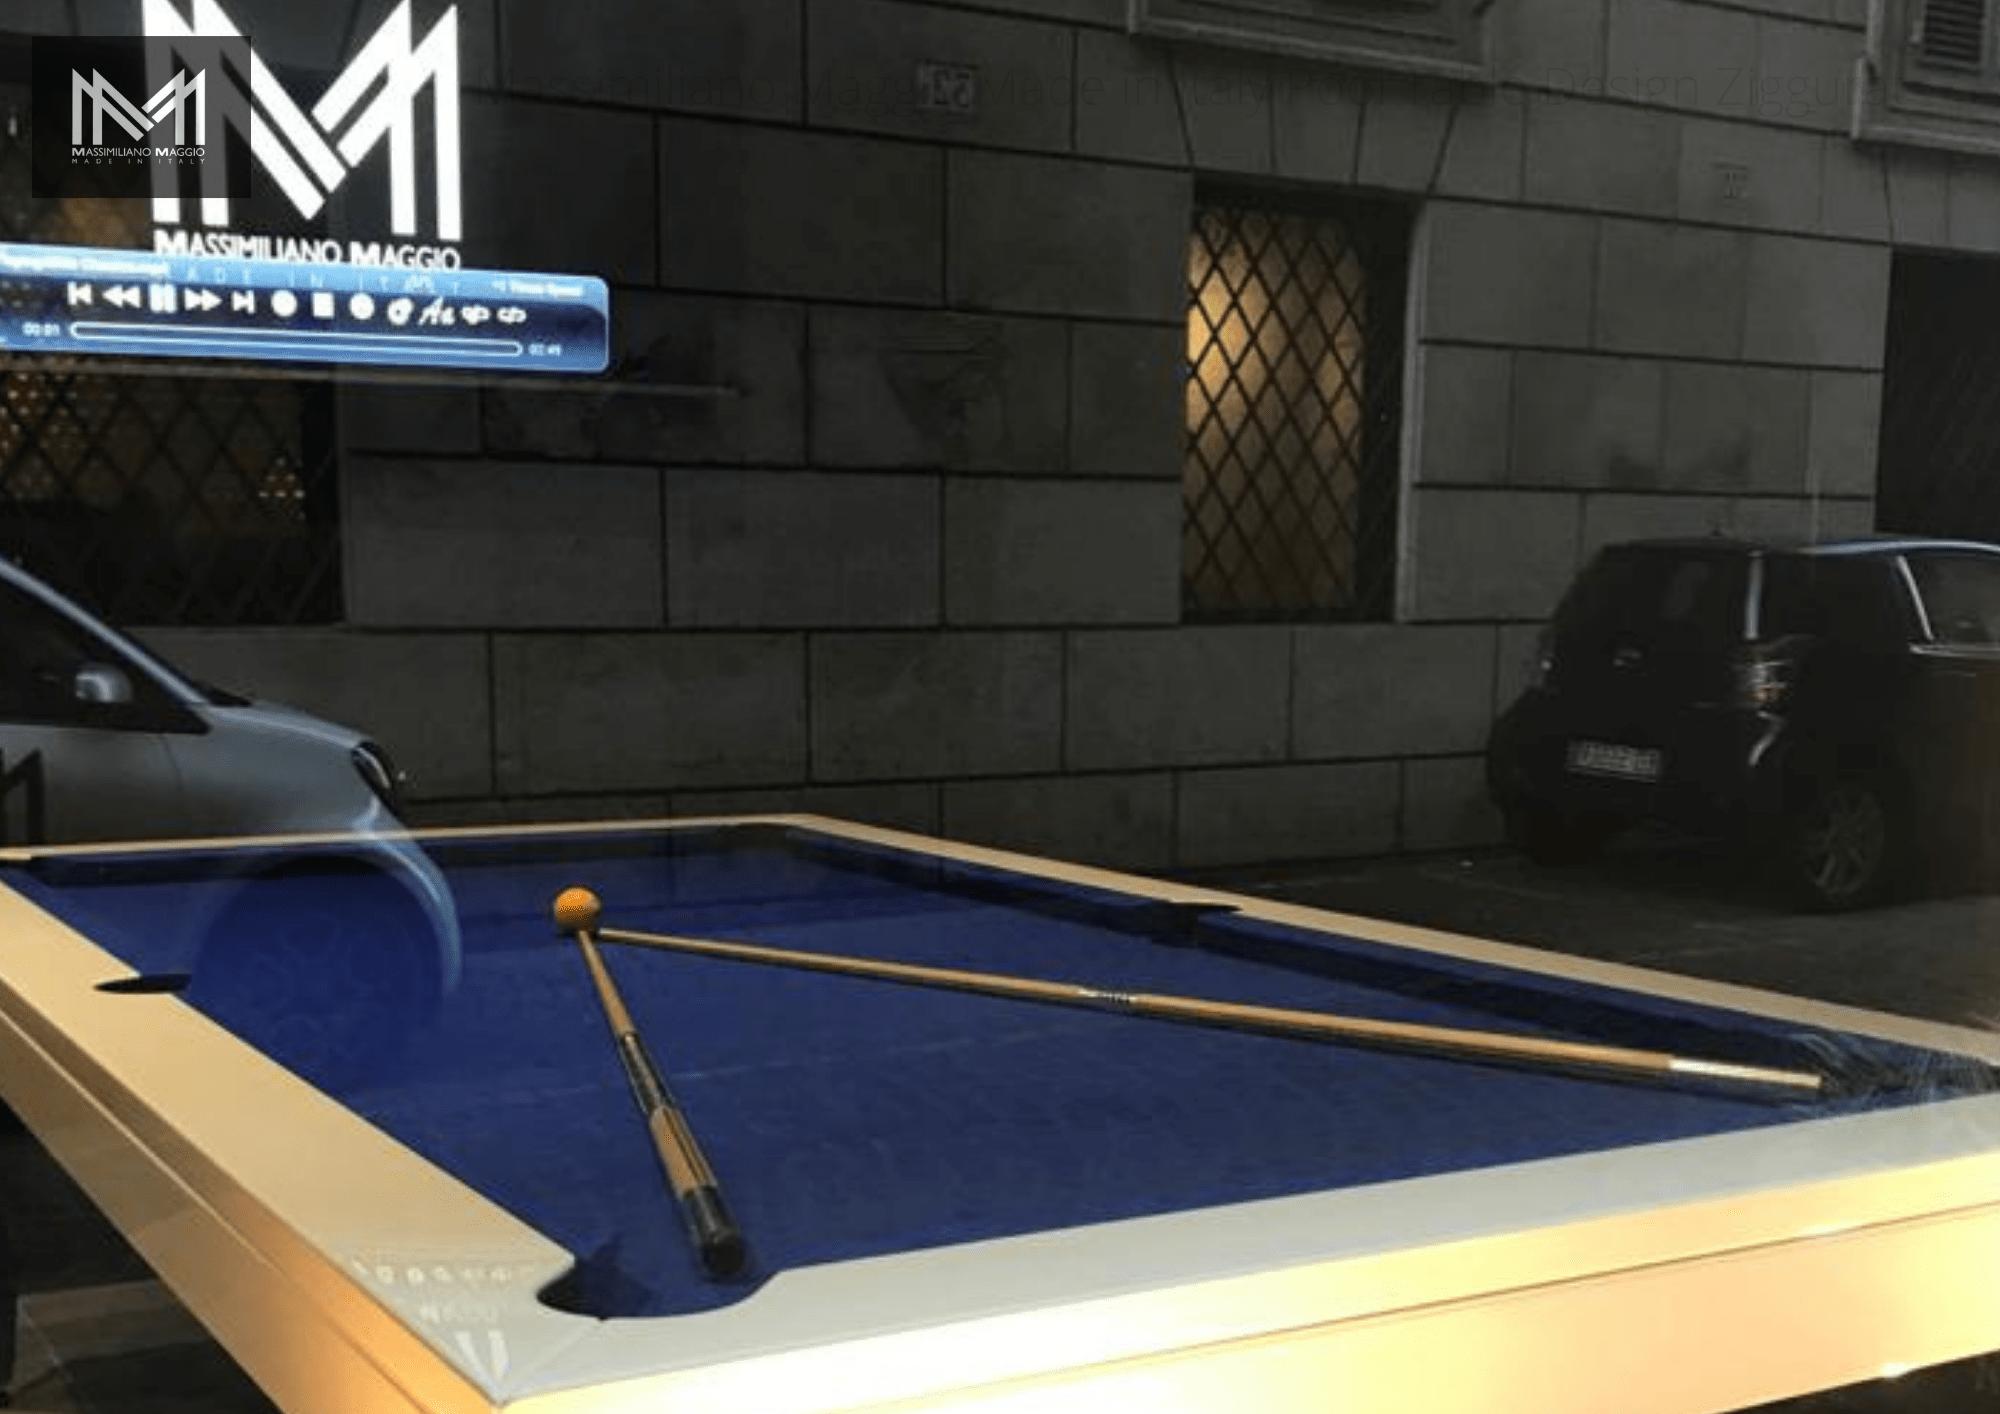 8 M6 Massimiliano Maggio Made in Italy Luxury Pool Table biliardo tavolo.png